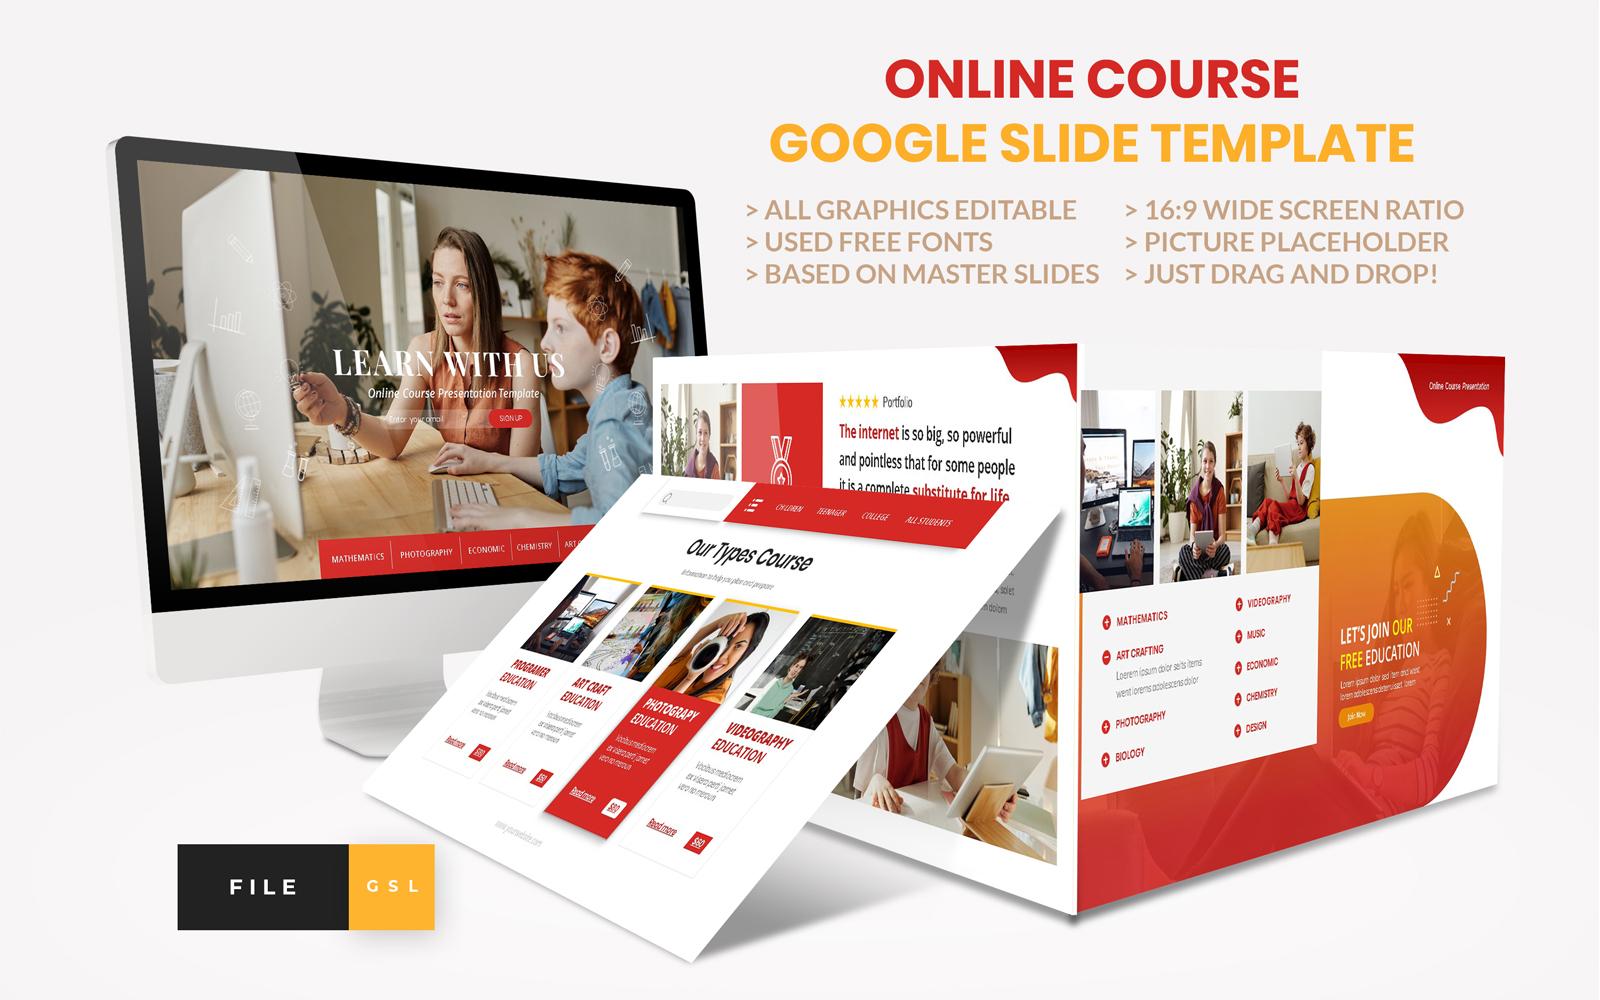 Online Course - Education Google Slides